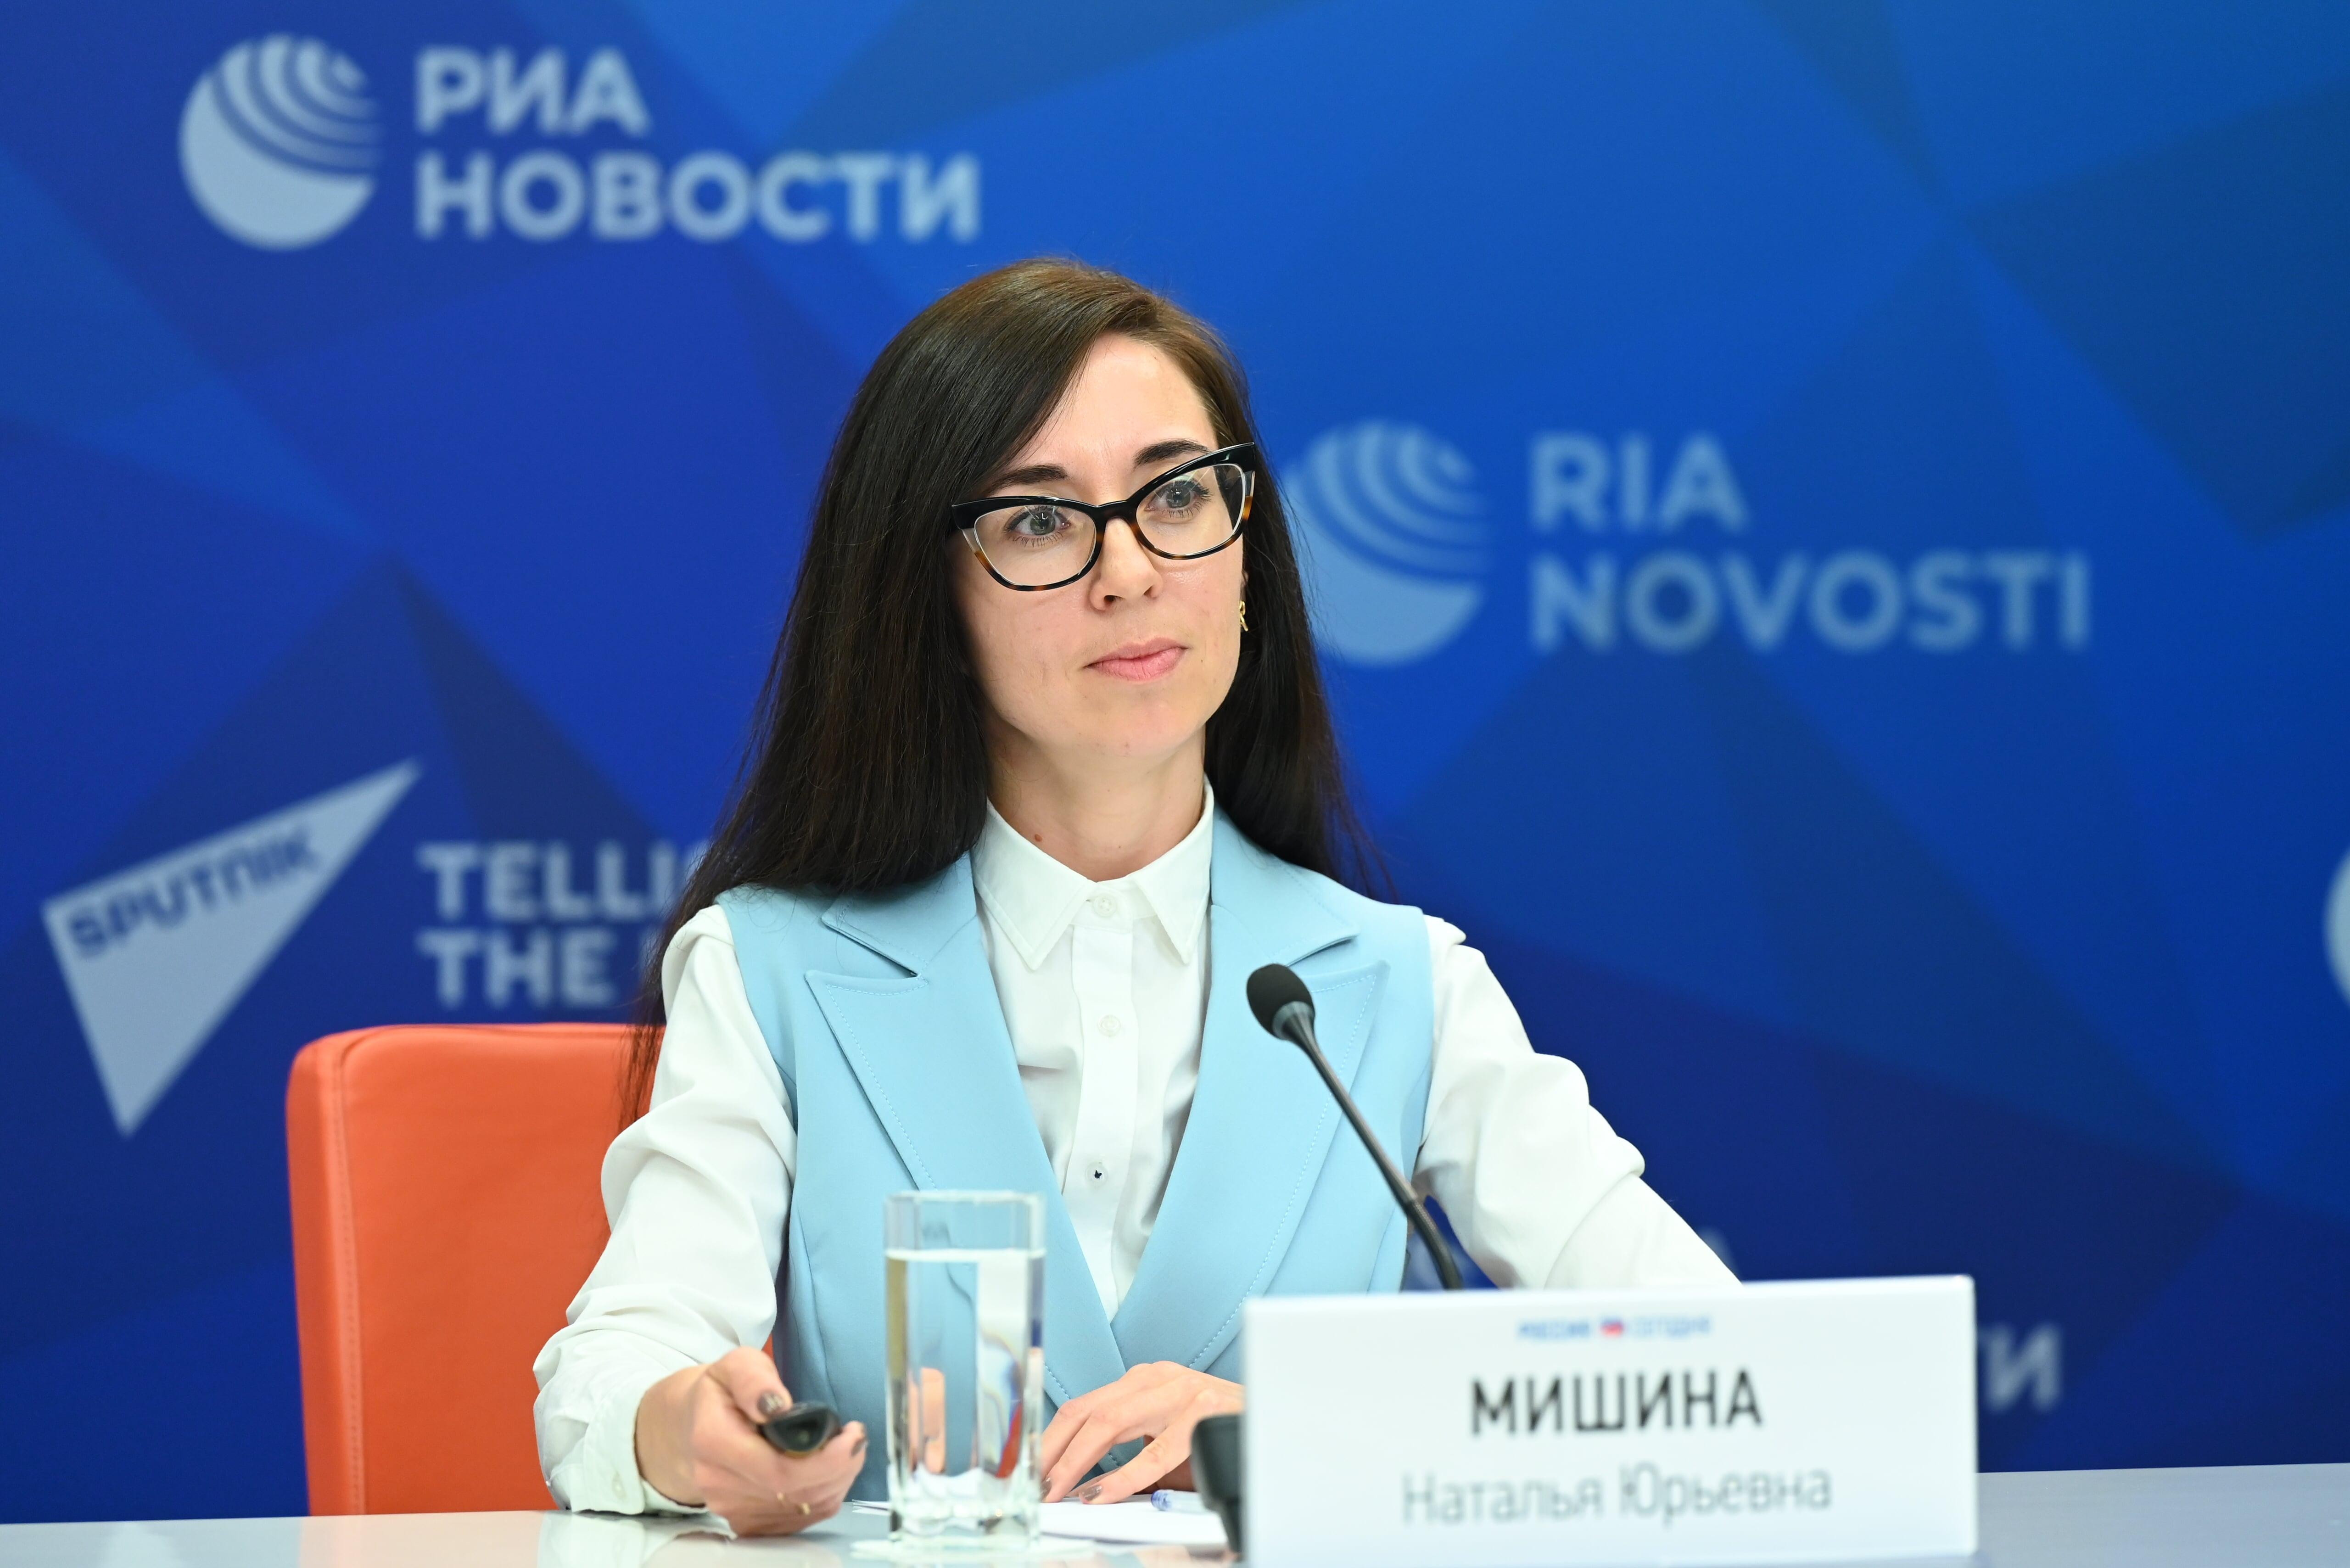 Пресс-конференция Обрсоюза, посвященная запуску конкурса «СОТ»: эксперт Наталья Мишина